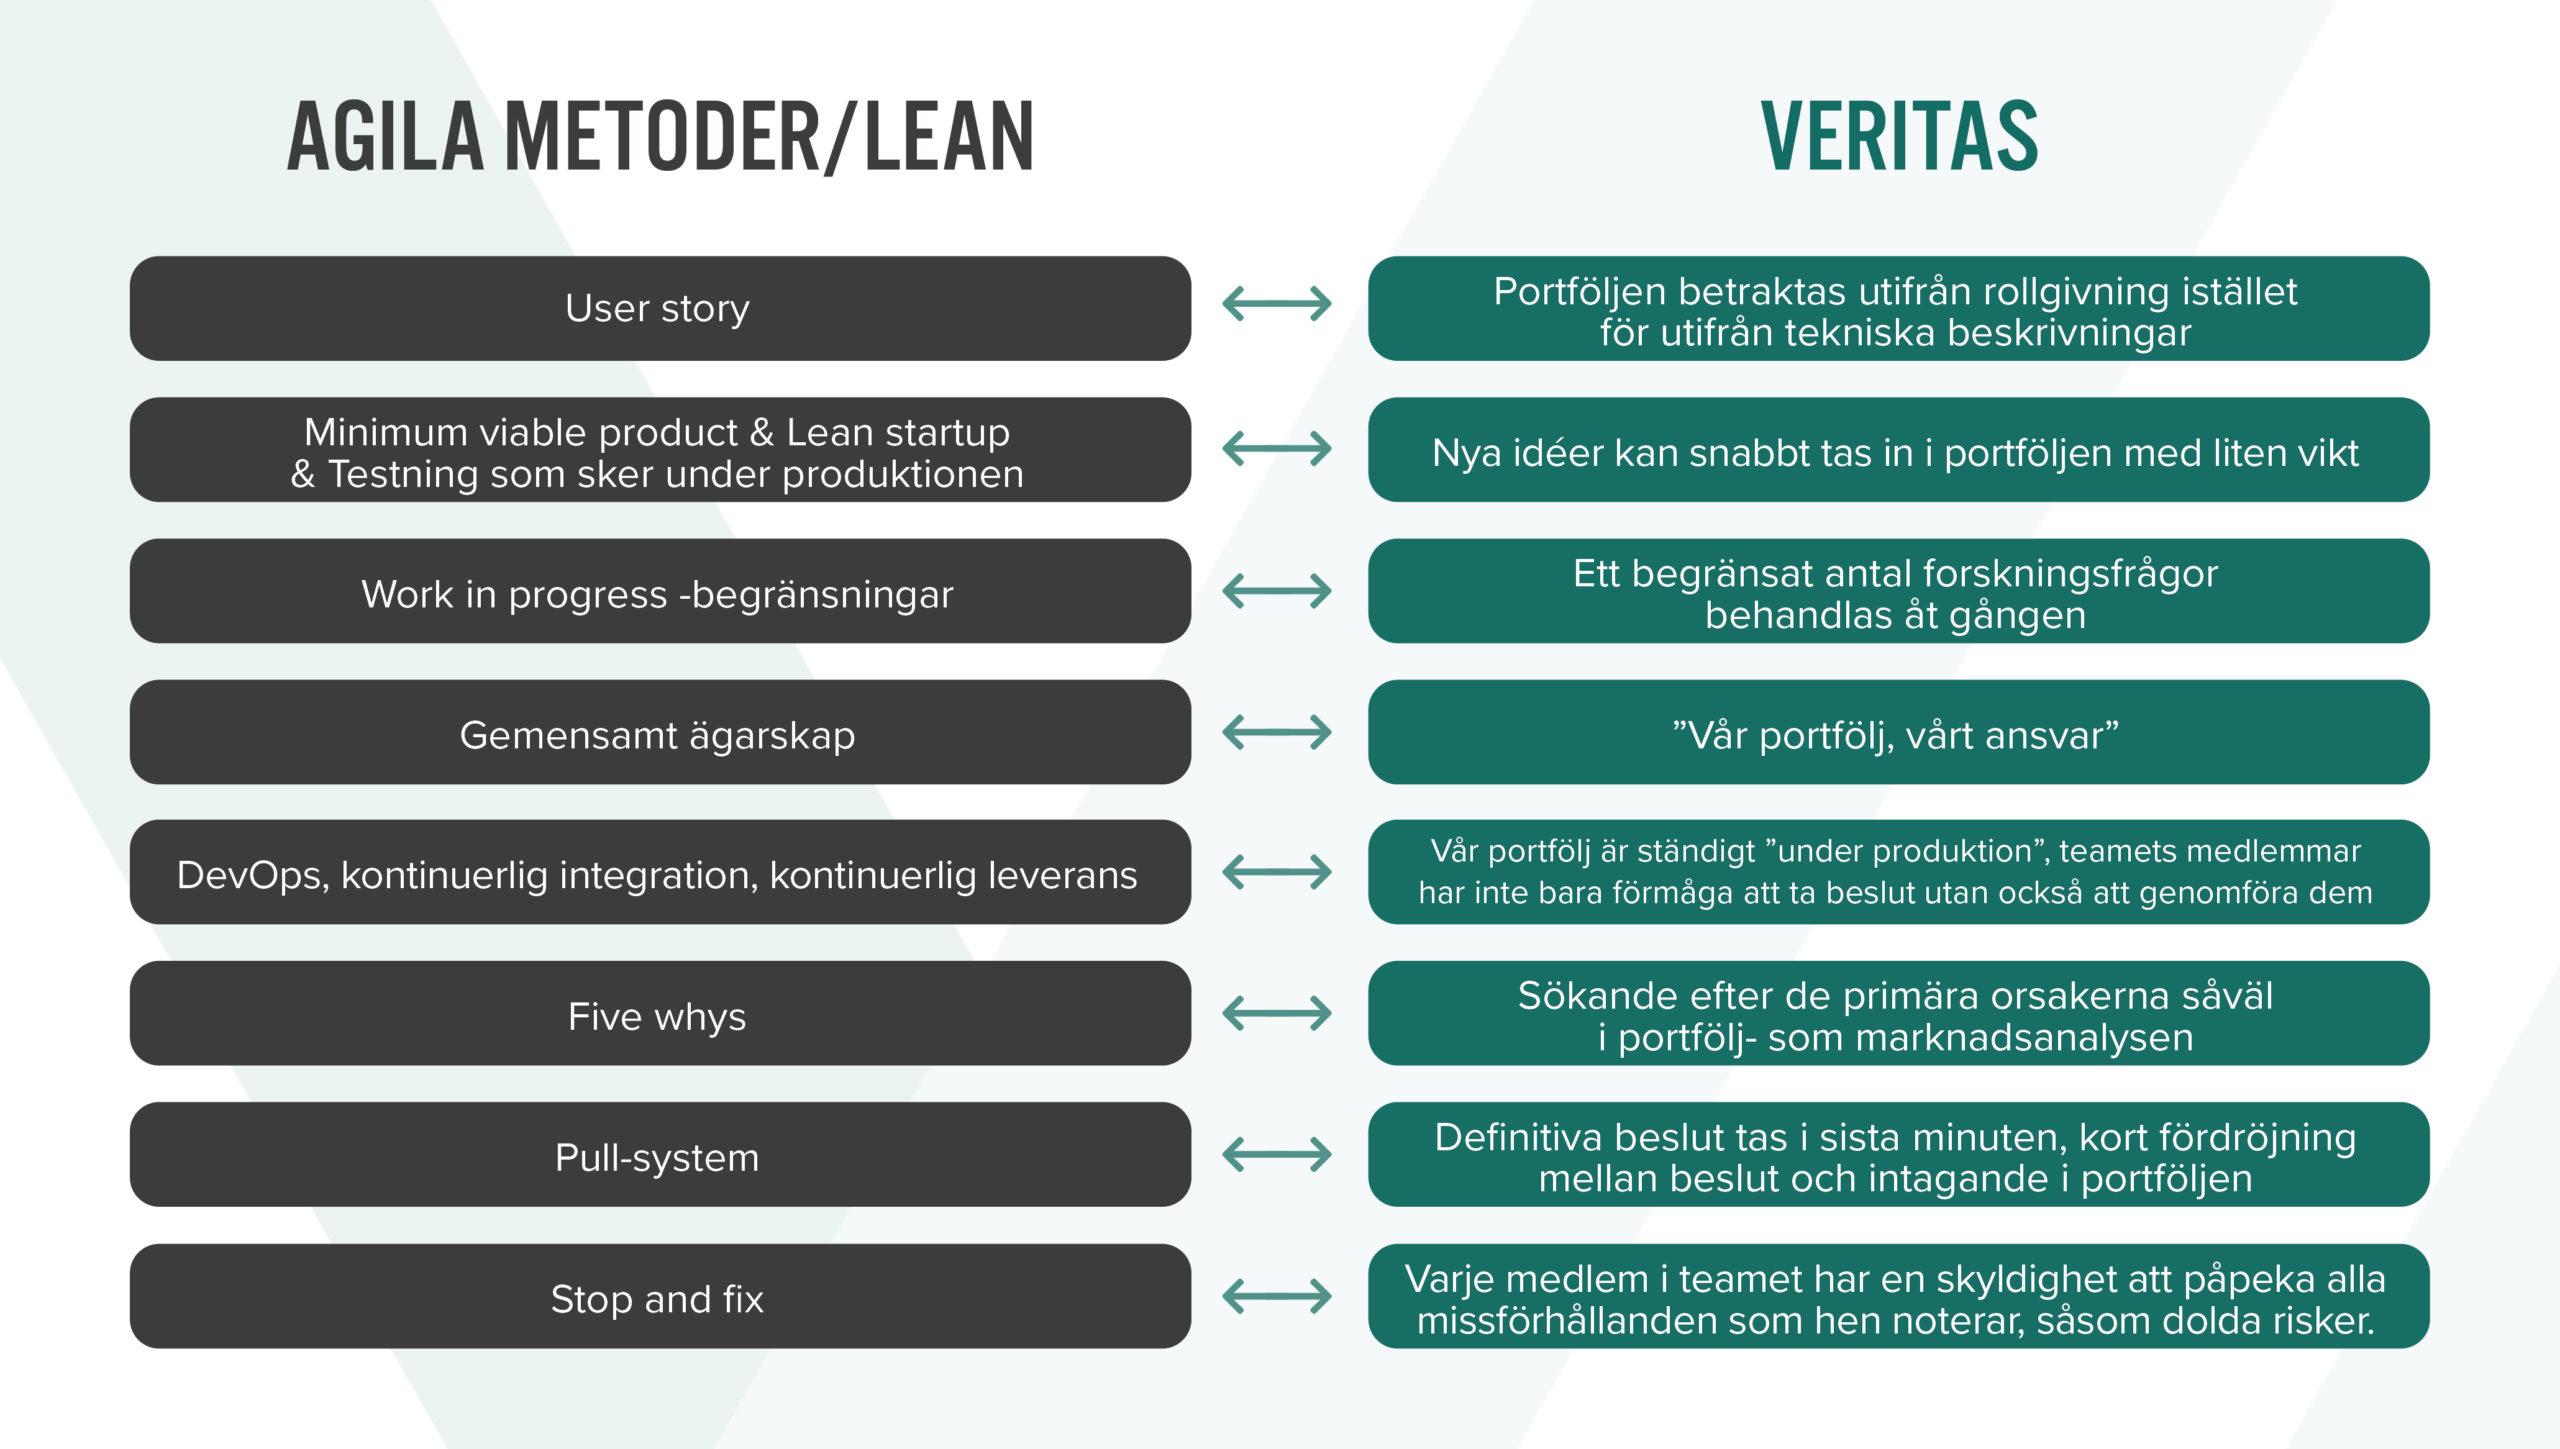 Agila metoder/lean och Veritas